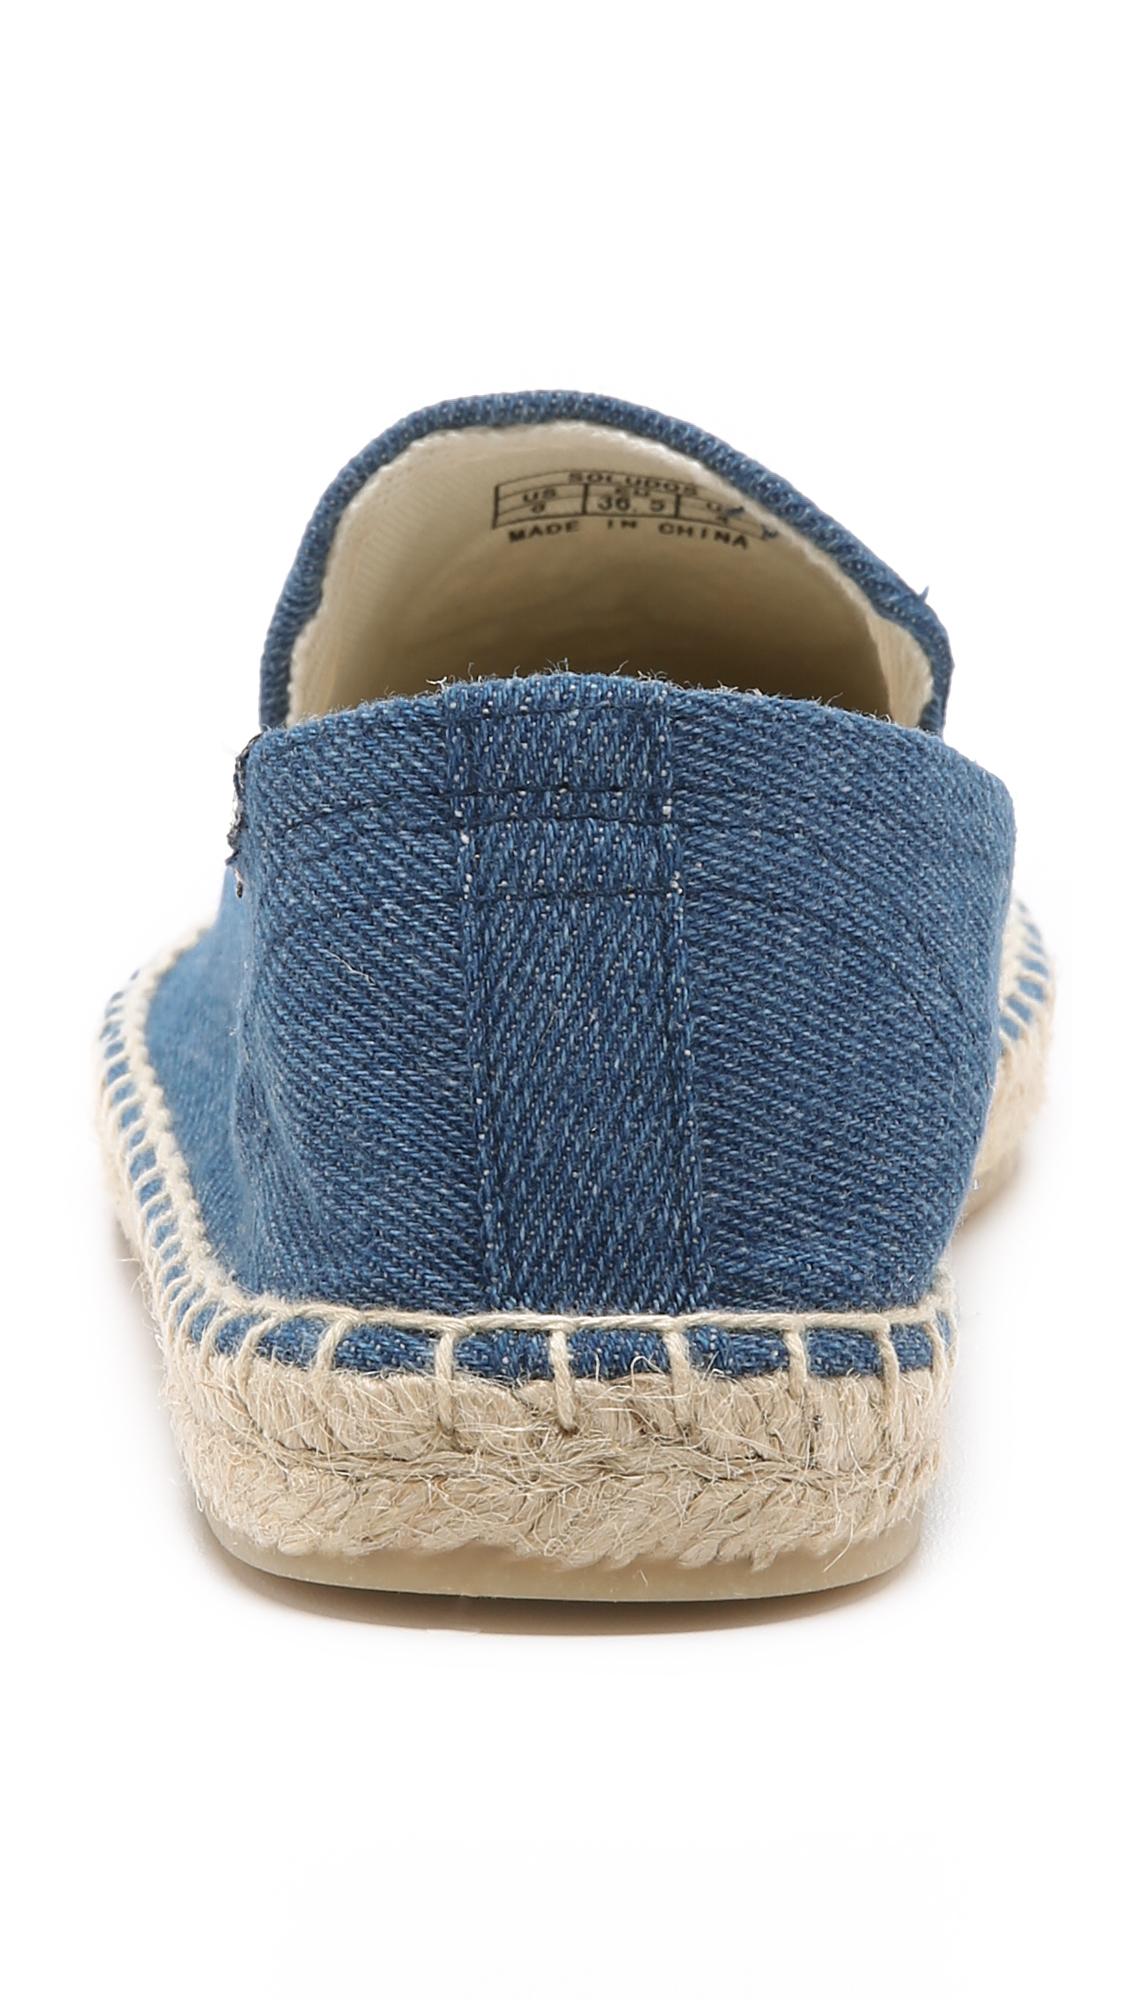 Battaglia Women S Shoes Vintage